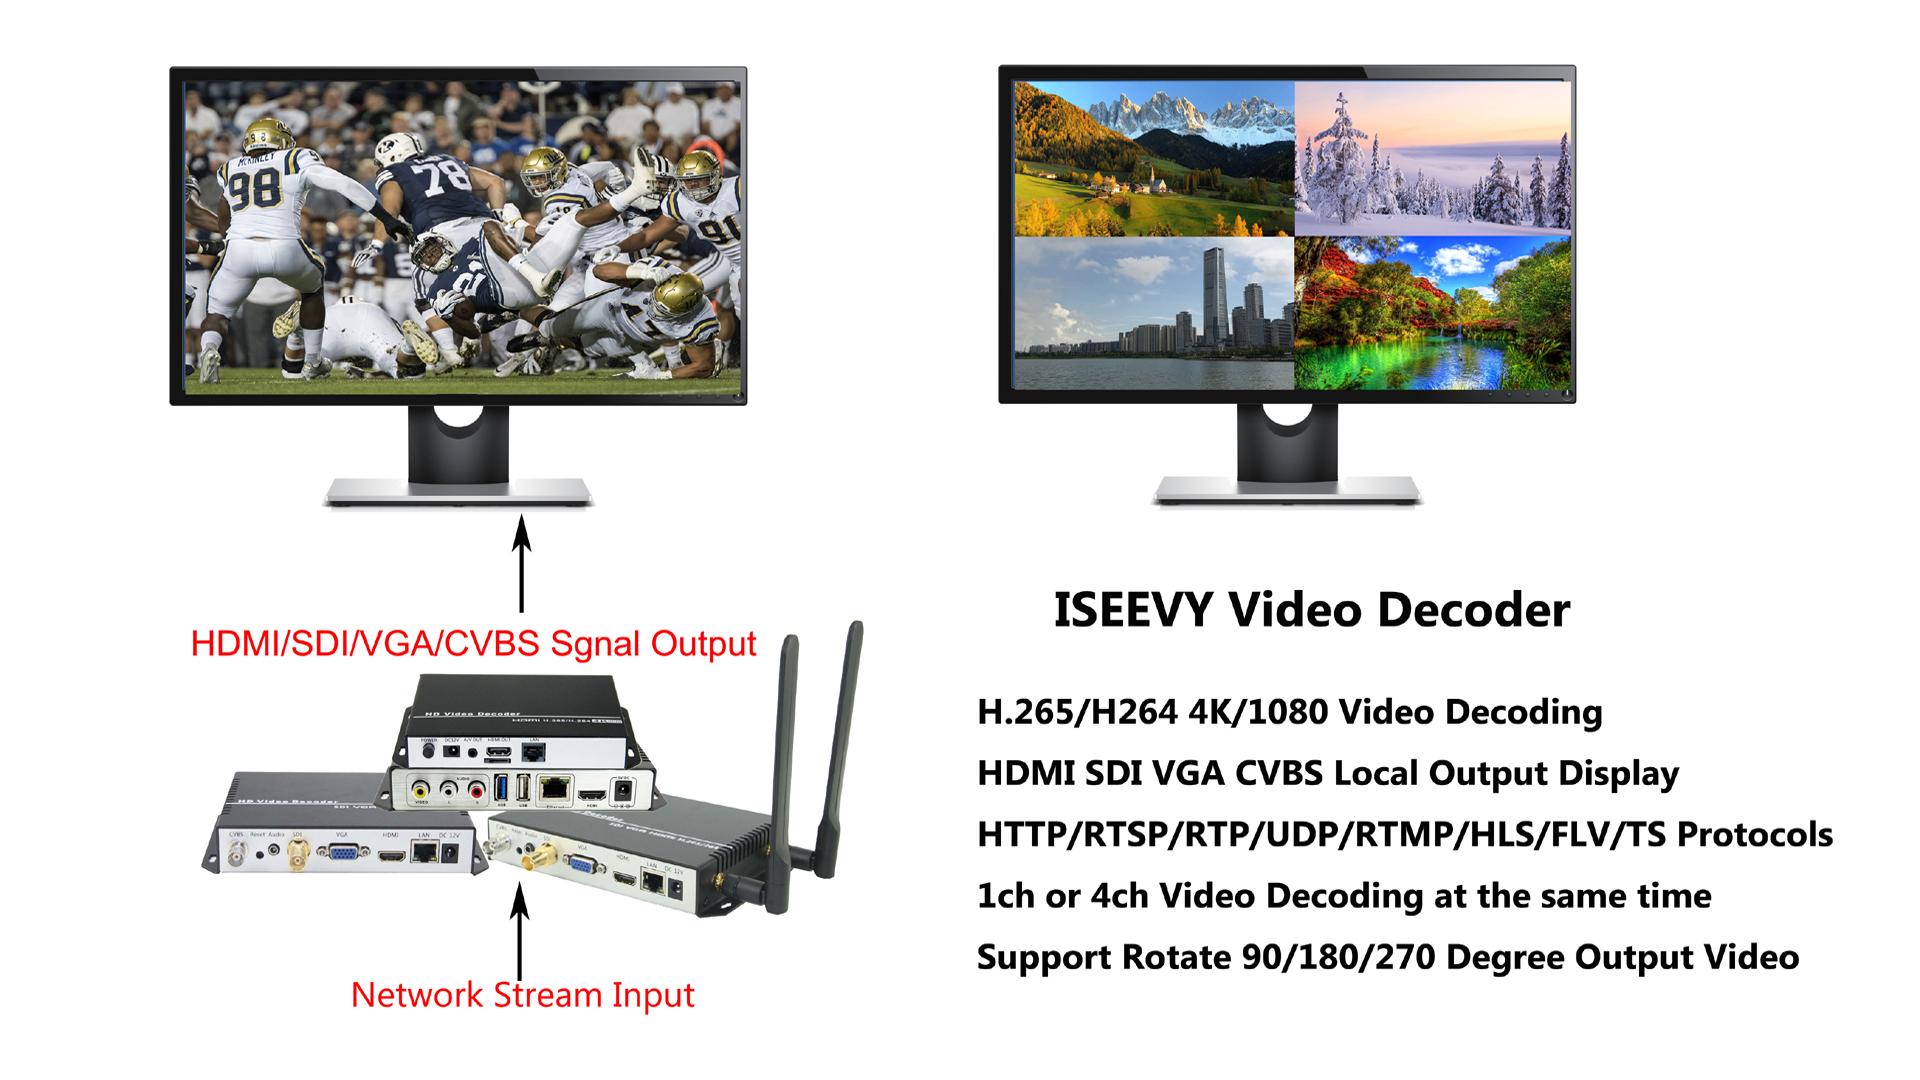 ISEEVY HDMI SDI VGA CVBS H.265 H.264 4K Video Decoder